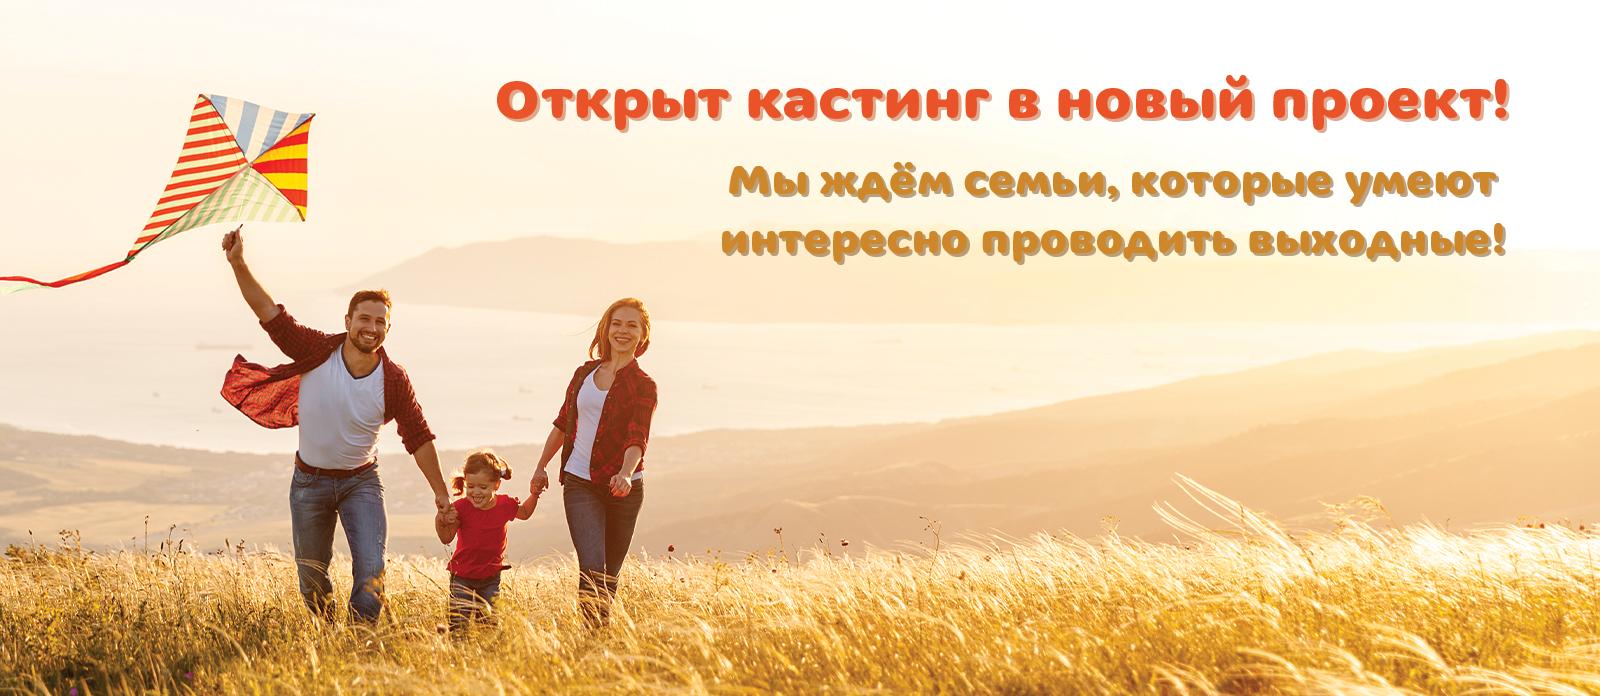 Телеканал «Карусель» объявляет кастинг в новый семейный проект